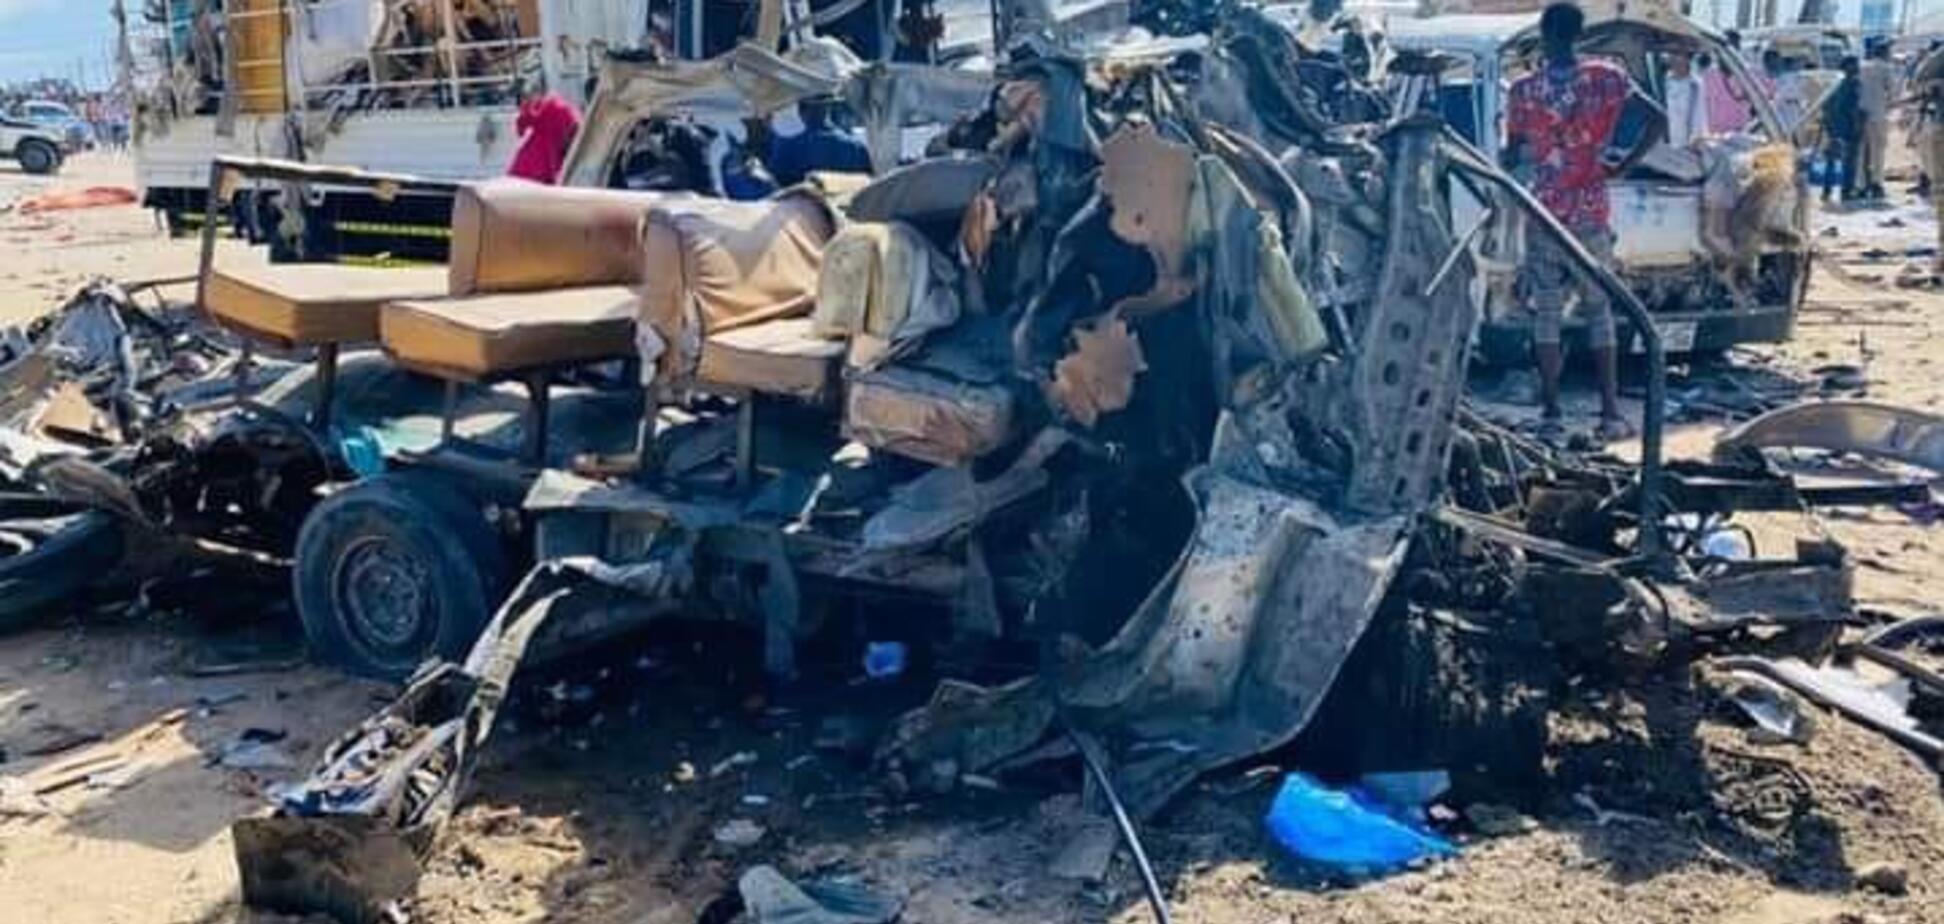 У Сомалі трапився кривавий теракт: загинуло понад 90 осіб